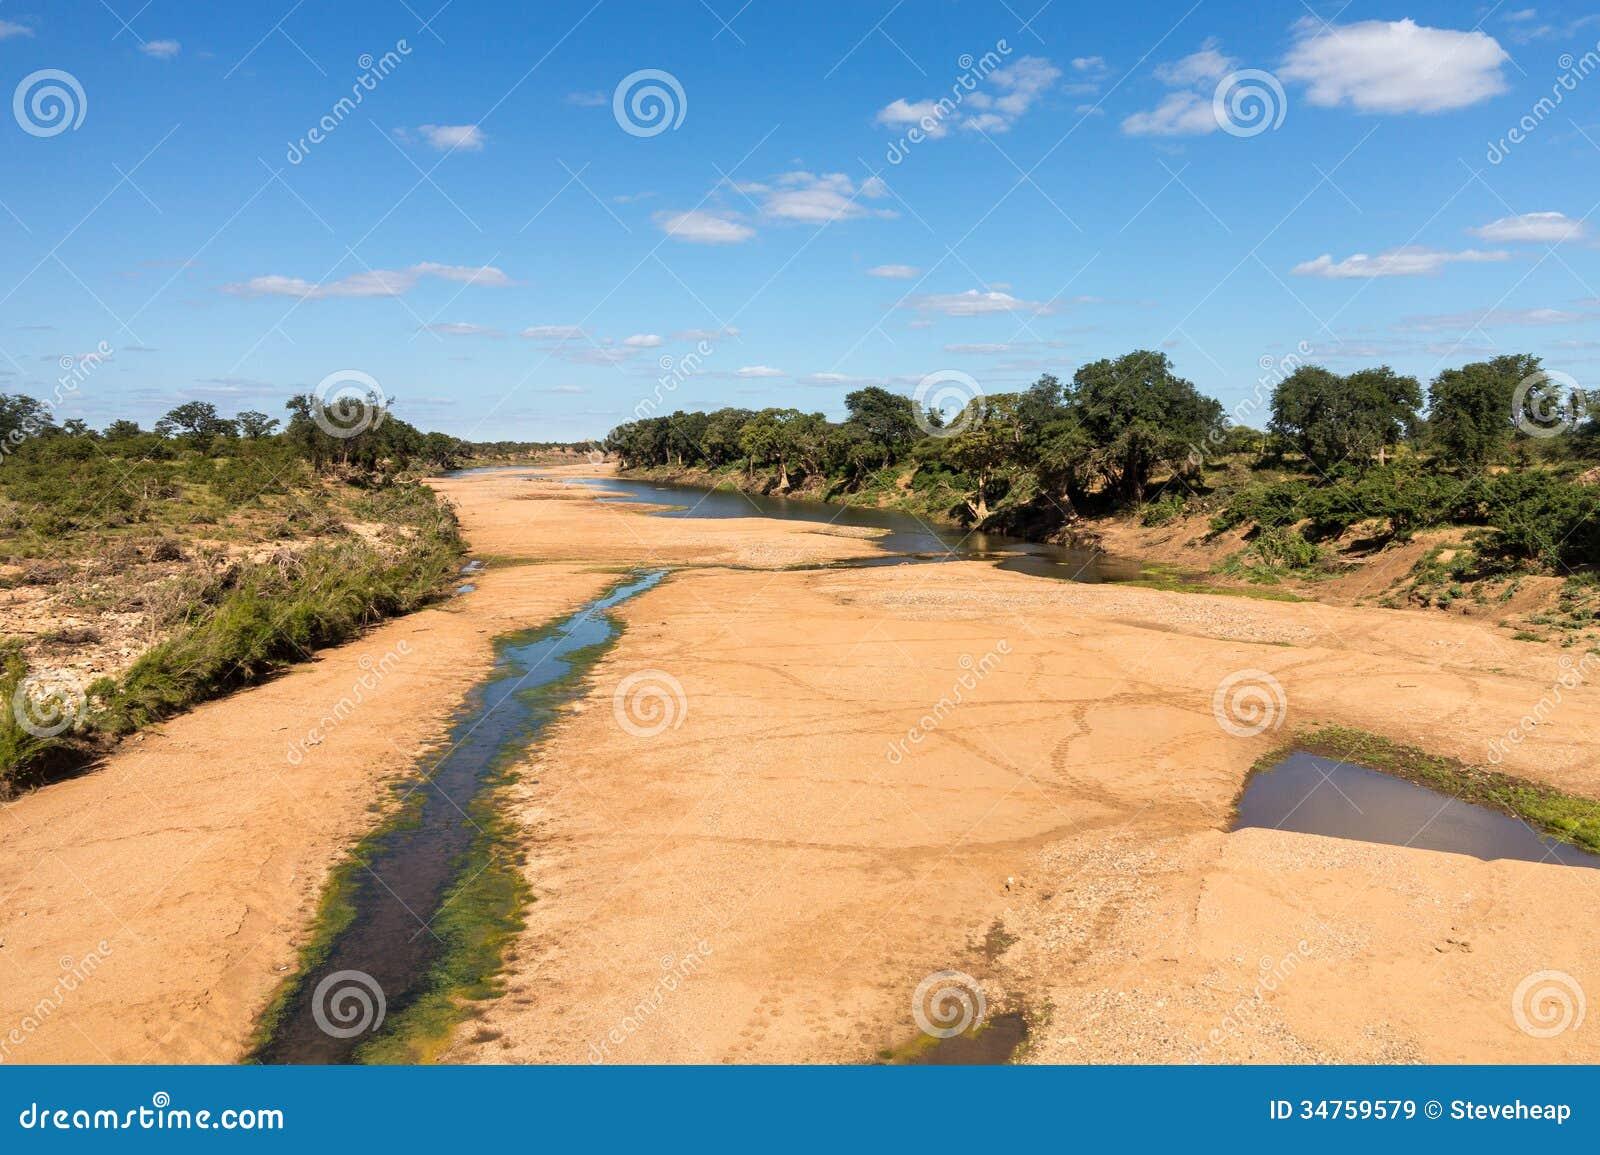 Dry river bed in Kruger National Park